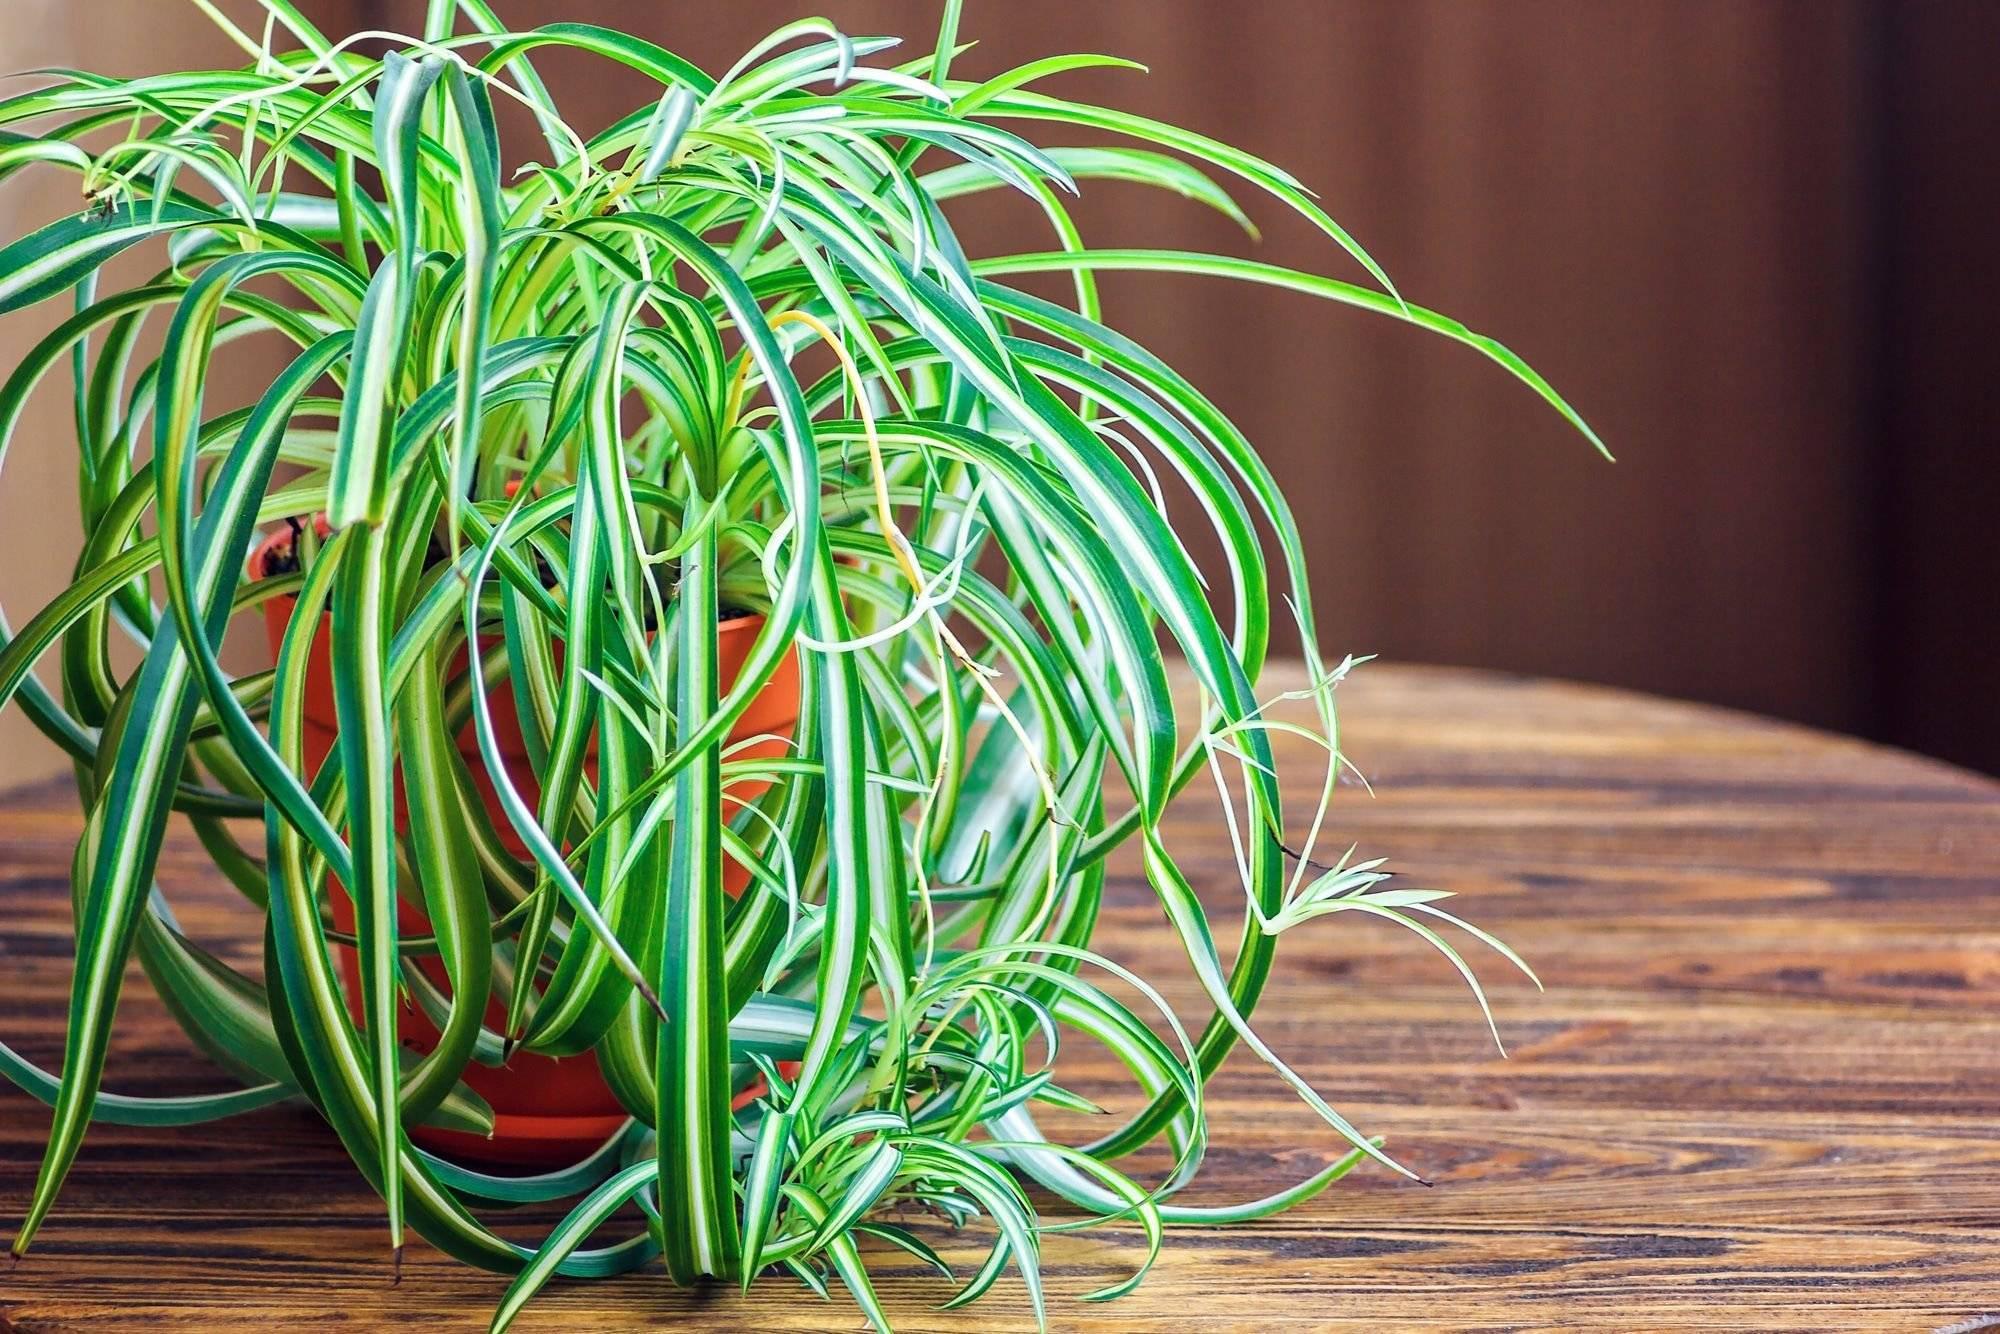 Хлорофитум: виды и сорта, фото, особенности растений